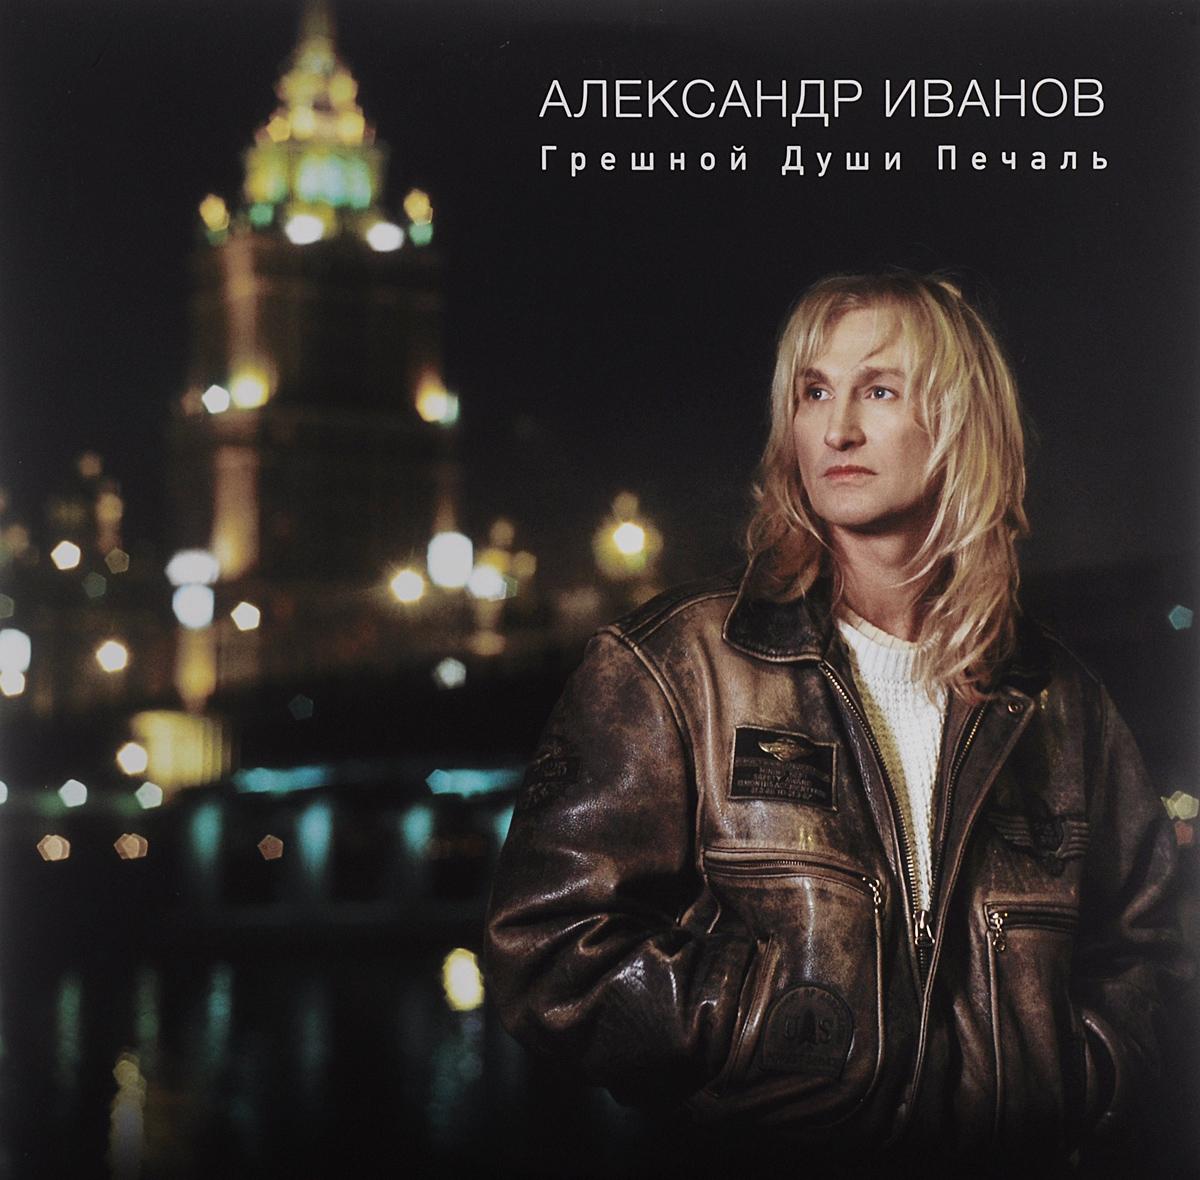 Александр Иванов Александр Иванов. Грешной души печаль (2 LP)